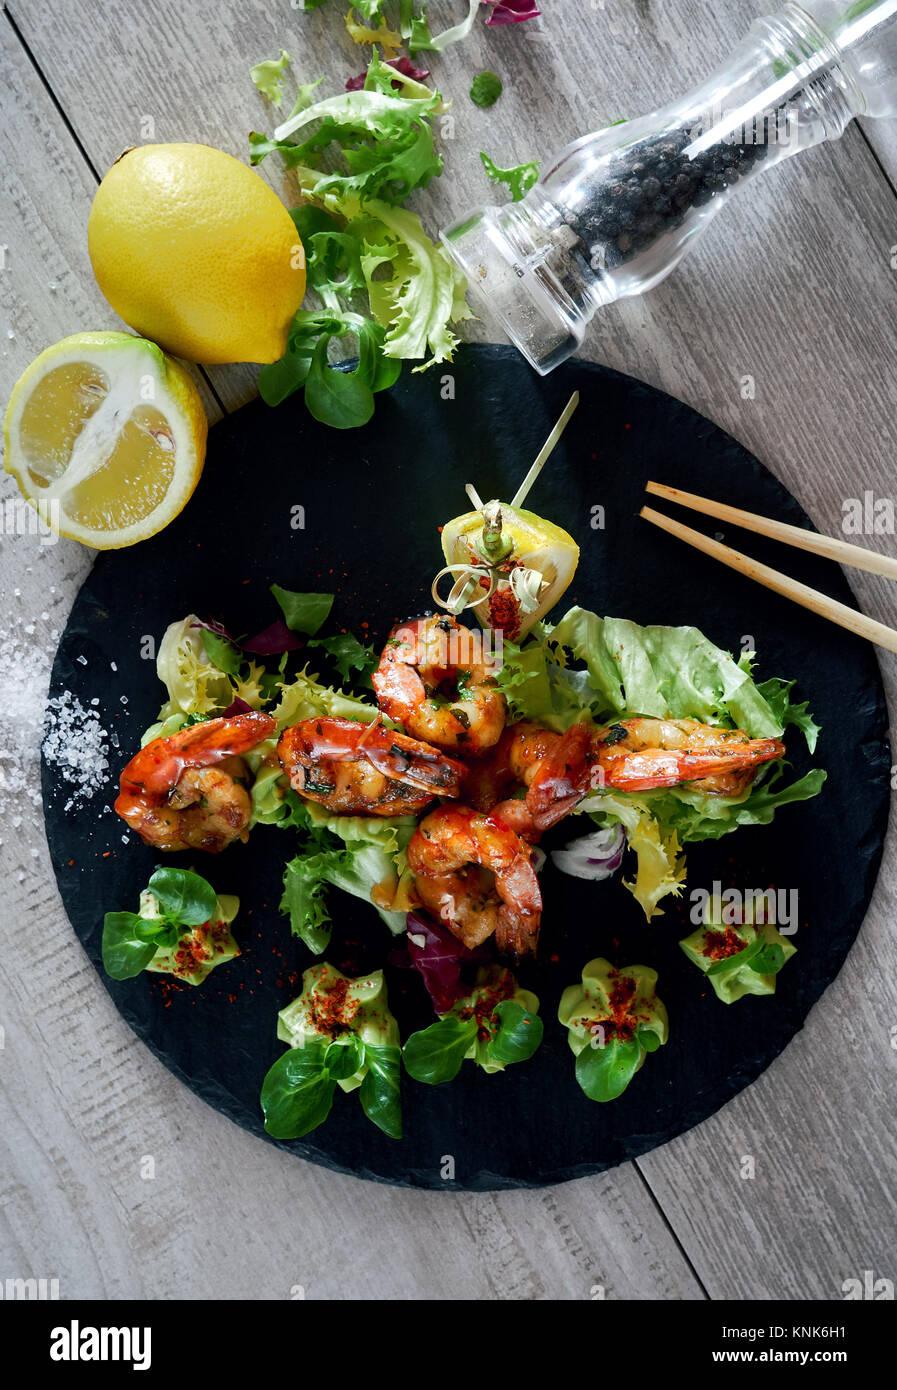 Grill gegrillte Garnelen mit Guacamole Salat Stockbild